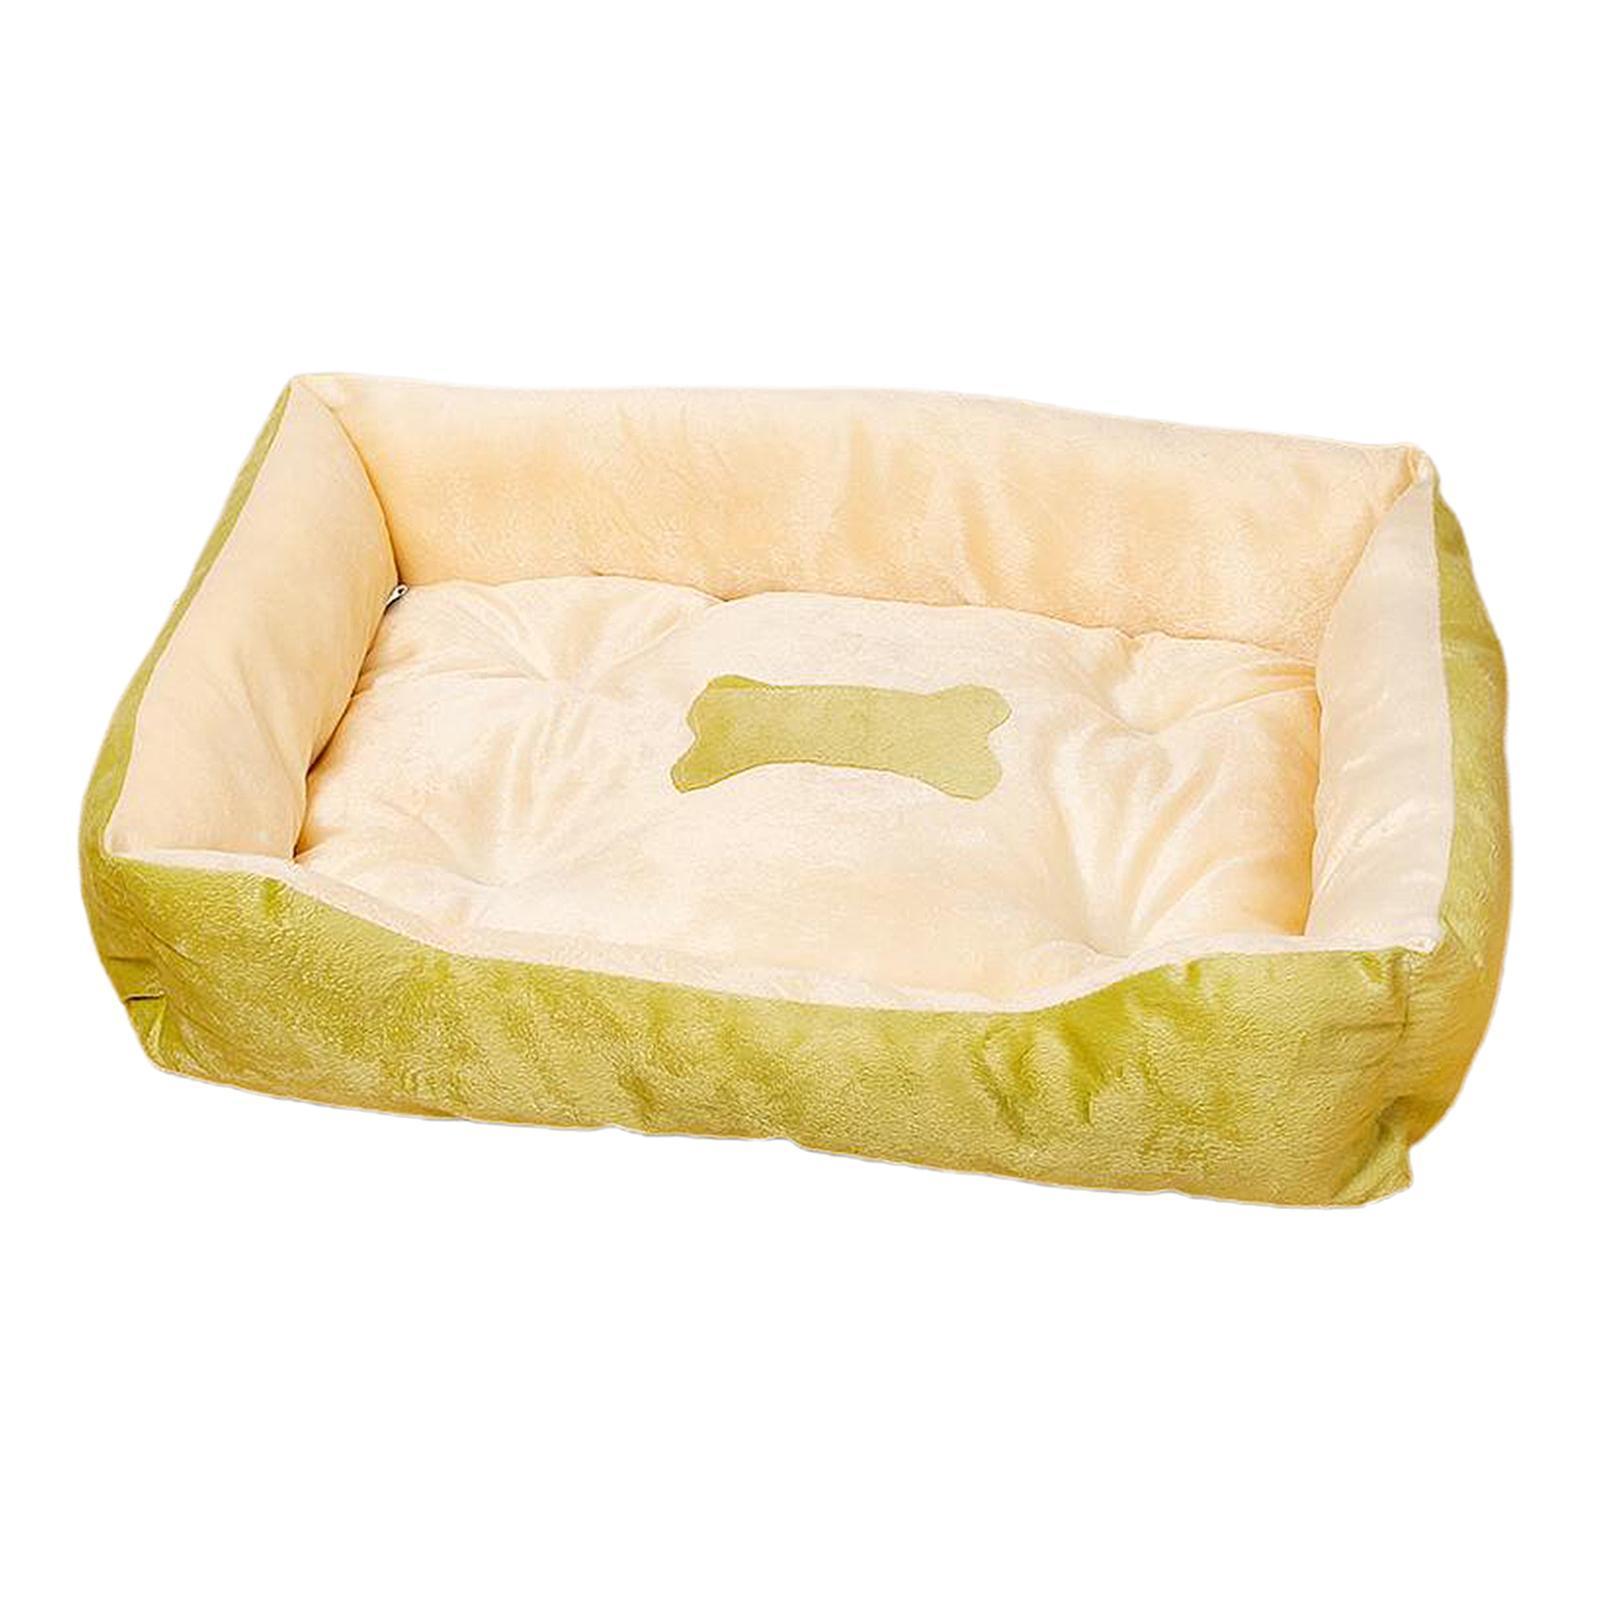 Indexbild 17 - Katze-Hund-Bett-Pet-Kissen-Betten-Haus-Schlaf-Soft-Warmen-Zwinger-Decke-Nest